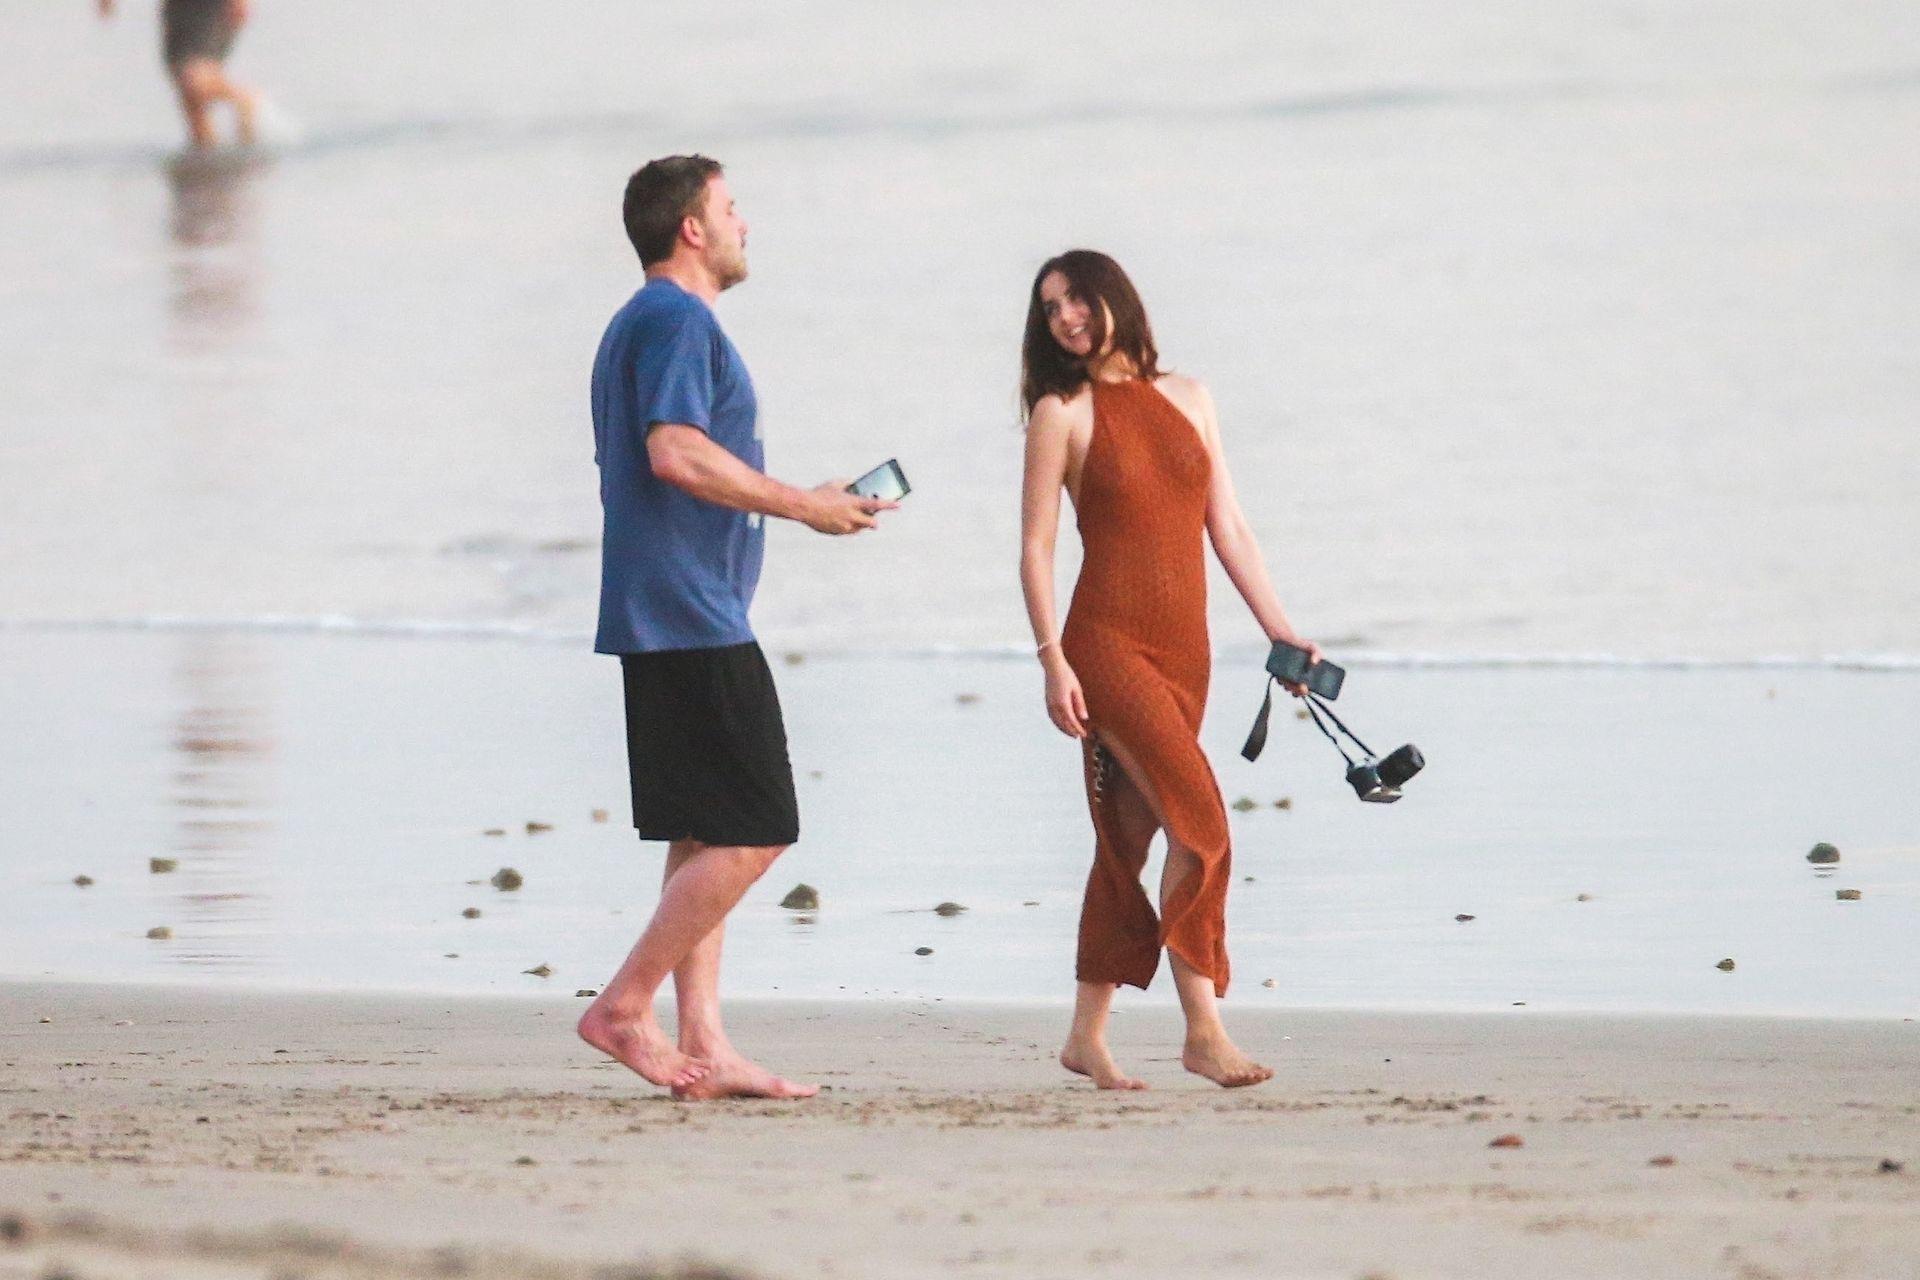 Ben Affleck & Ana De Armas Enjoy A Pda Moment During Romantic Beach Stroll In Costa Rica 0016